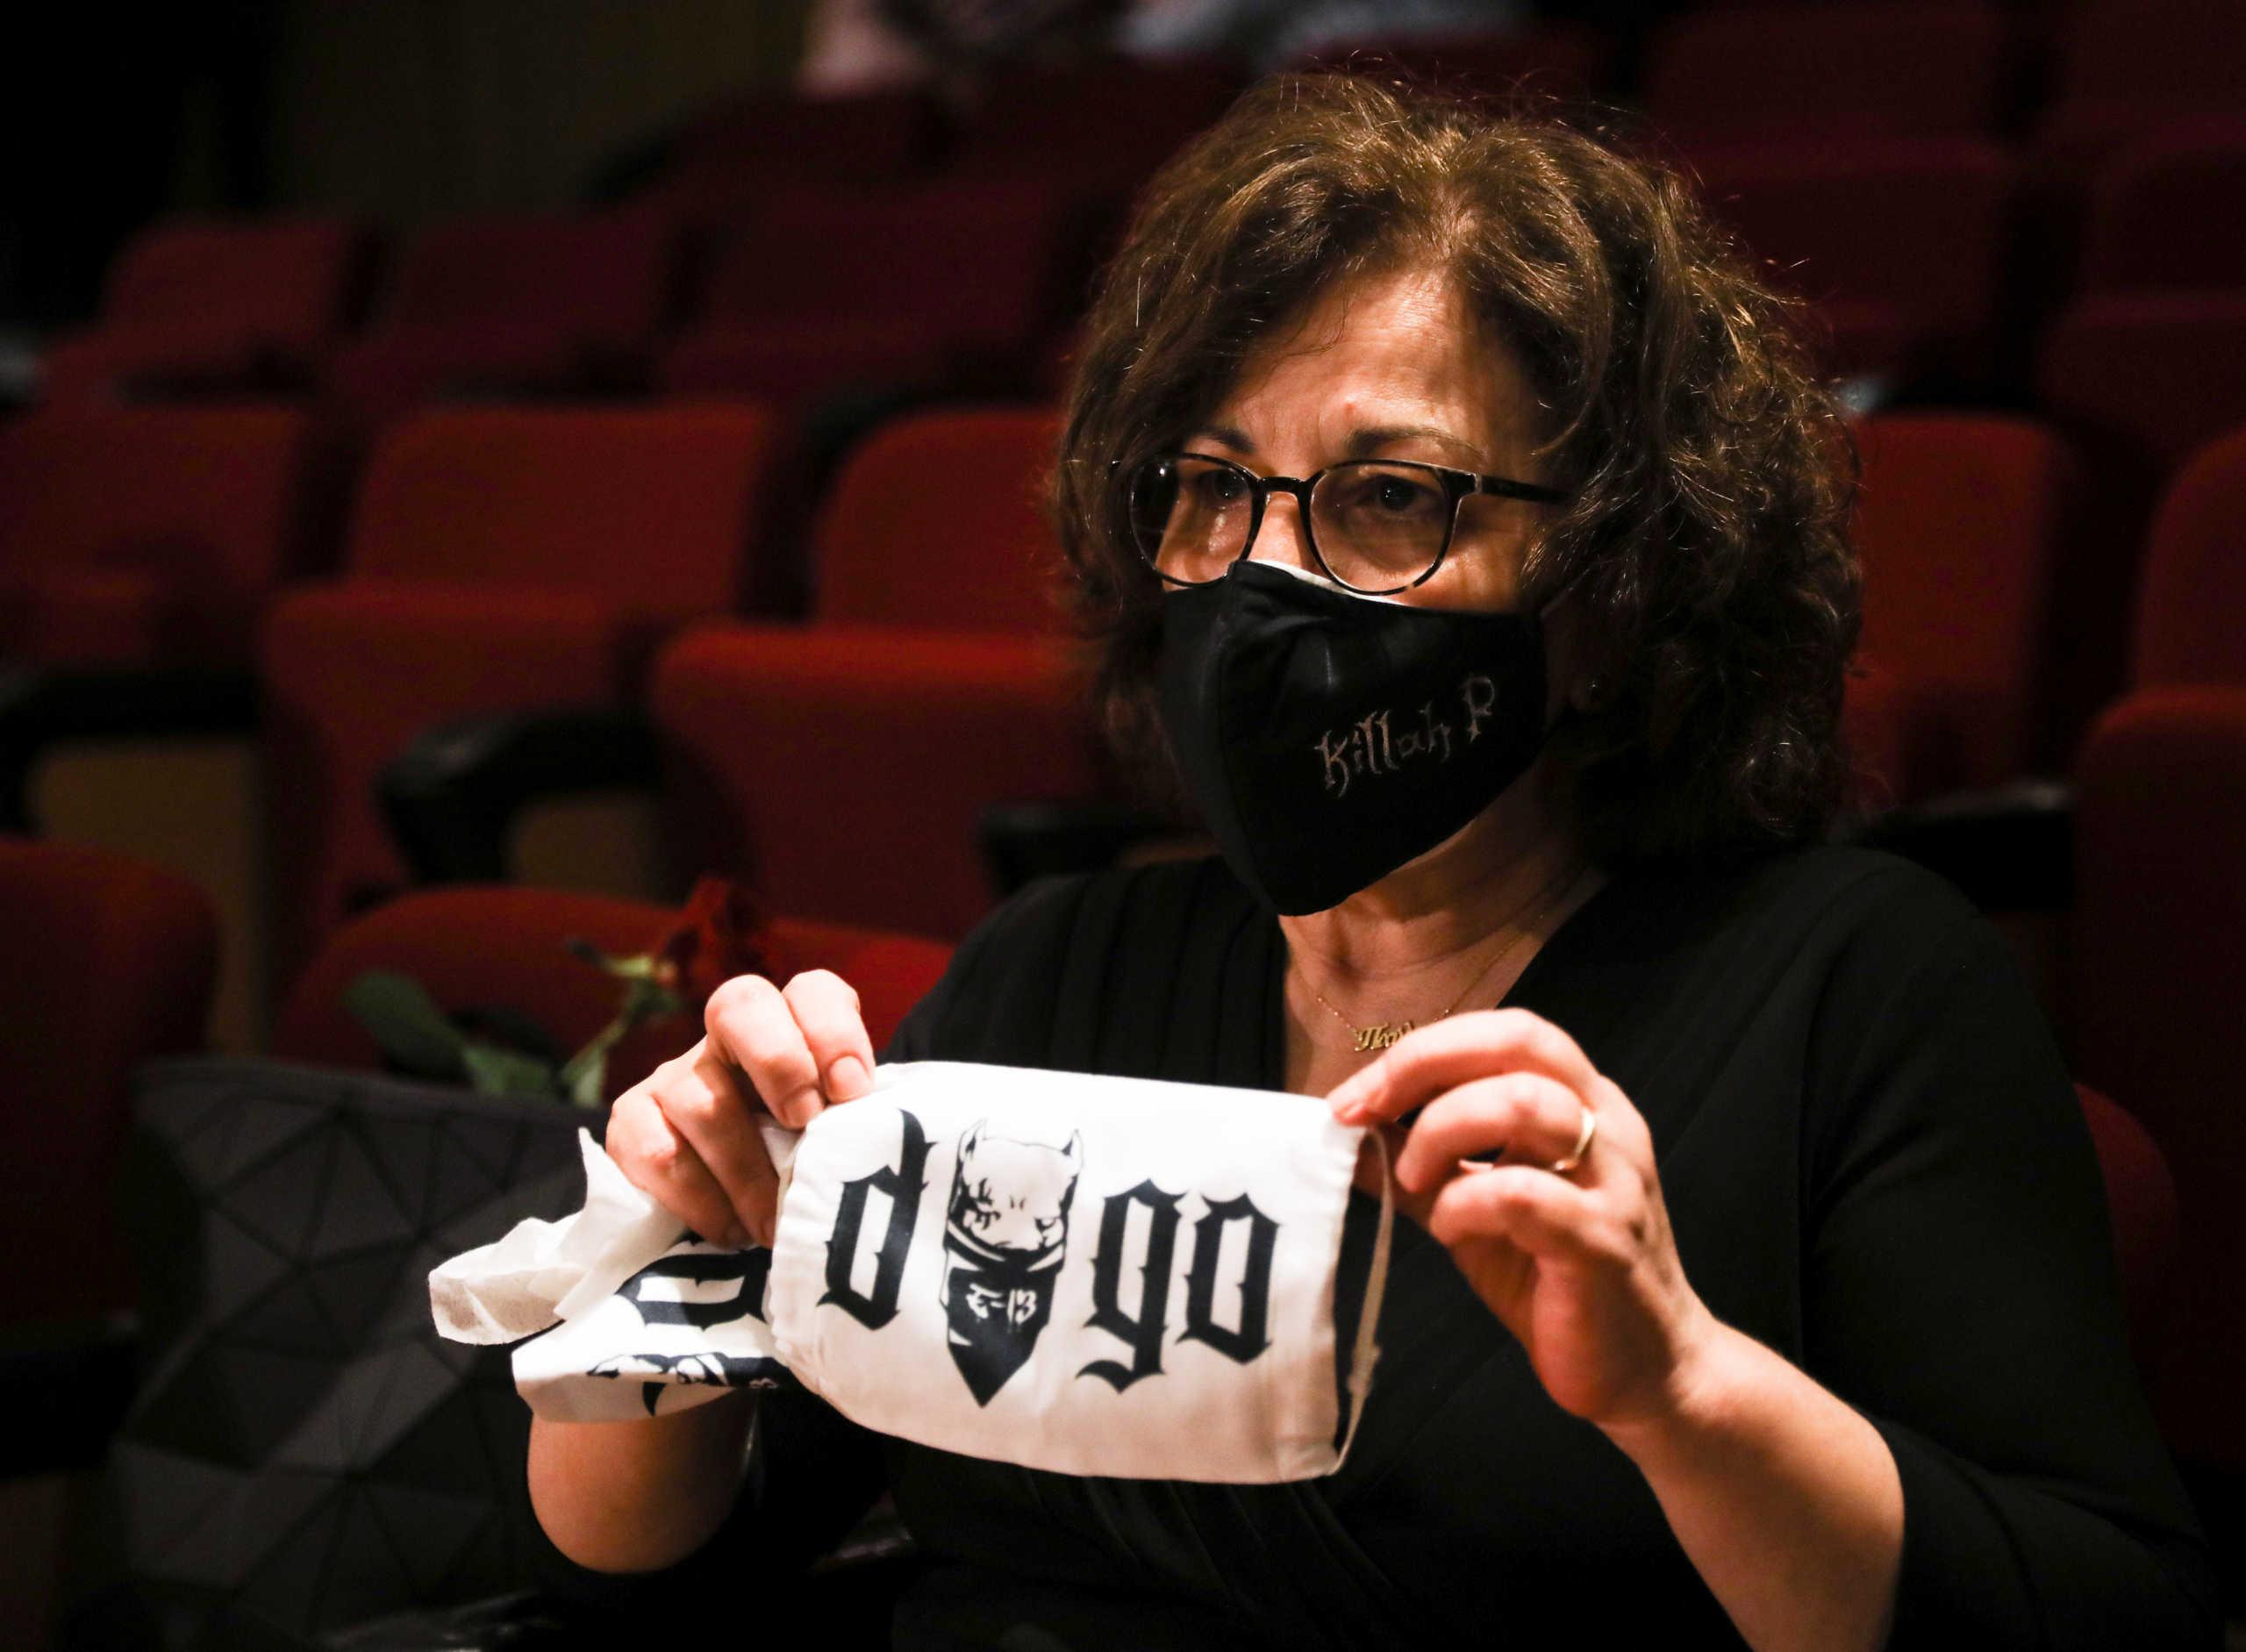 Δίκη Χρυσής Αυγής: Η Μάγδα Φύσσα με μάσκα Killah P – Μια αγκαλιά η οικογένεια  στην αίθουσα